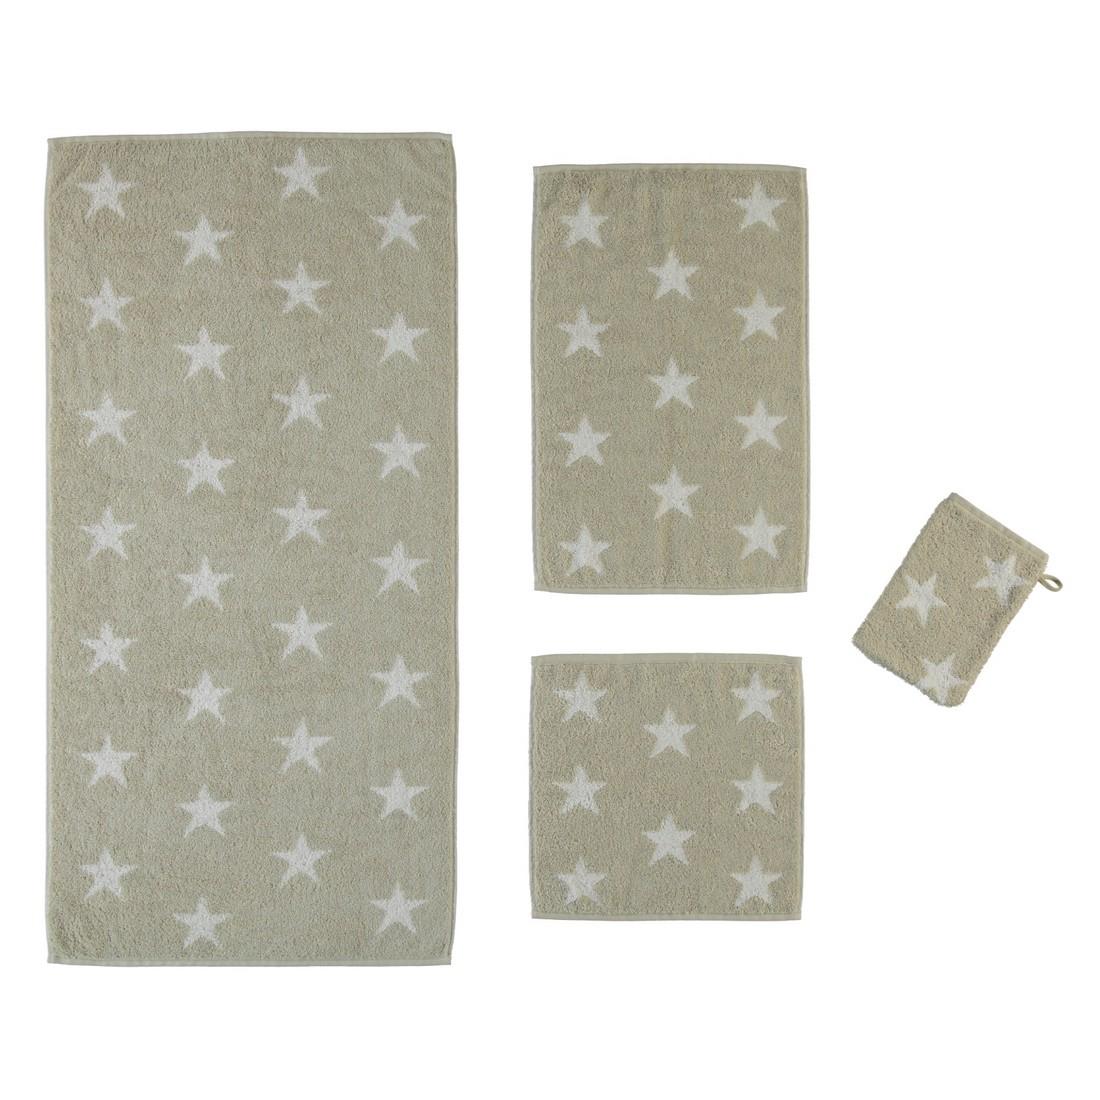 Handtücher   Stars 525 – 100% Baumwolle sand – 36 – Seiflappen: 30 x 30 cm, Cawö online bestellen